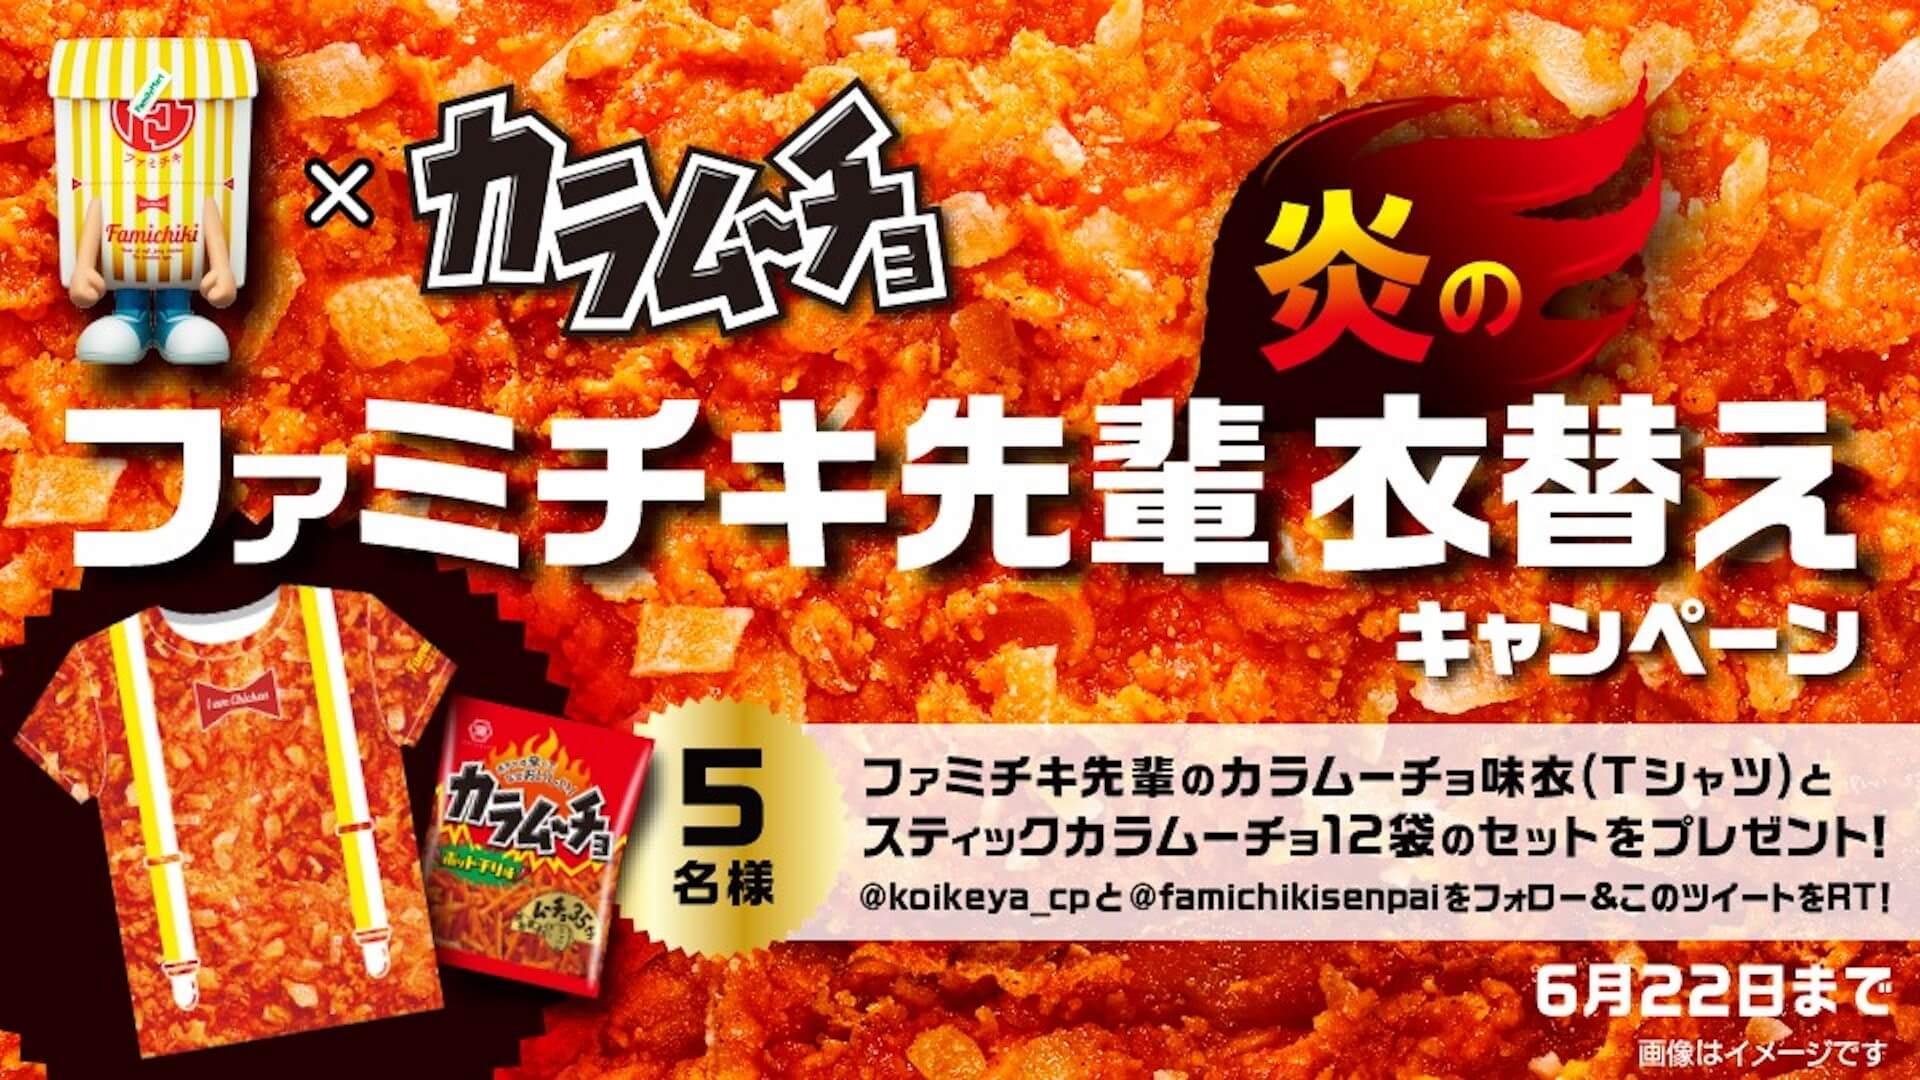 ファミチキにお菓子の定番・カラムーチョ味が登場!ファミリーマートで本日より発売 gourmet200616_famichiki_1